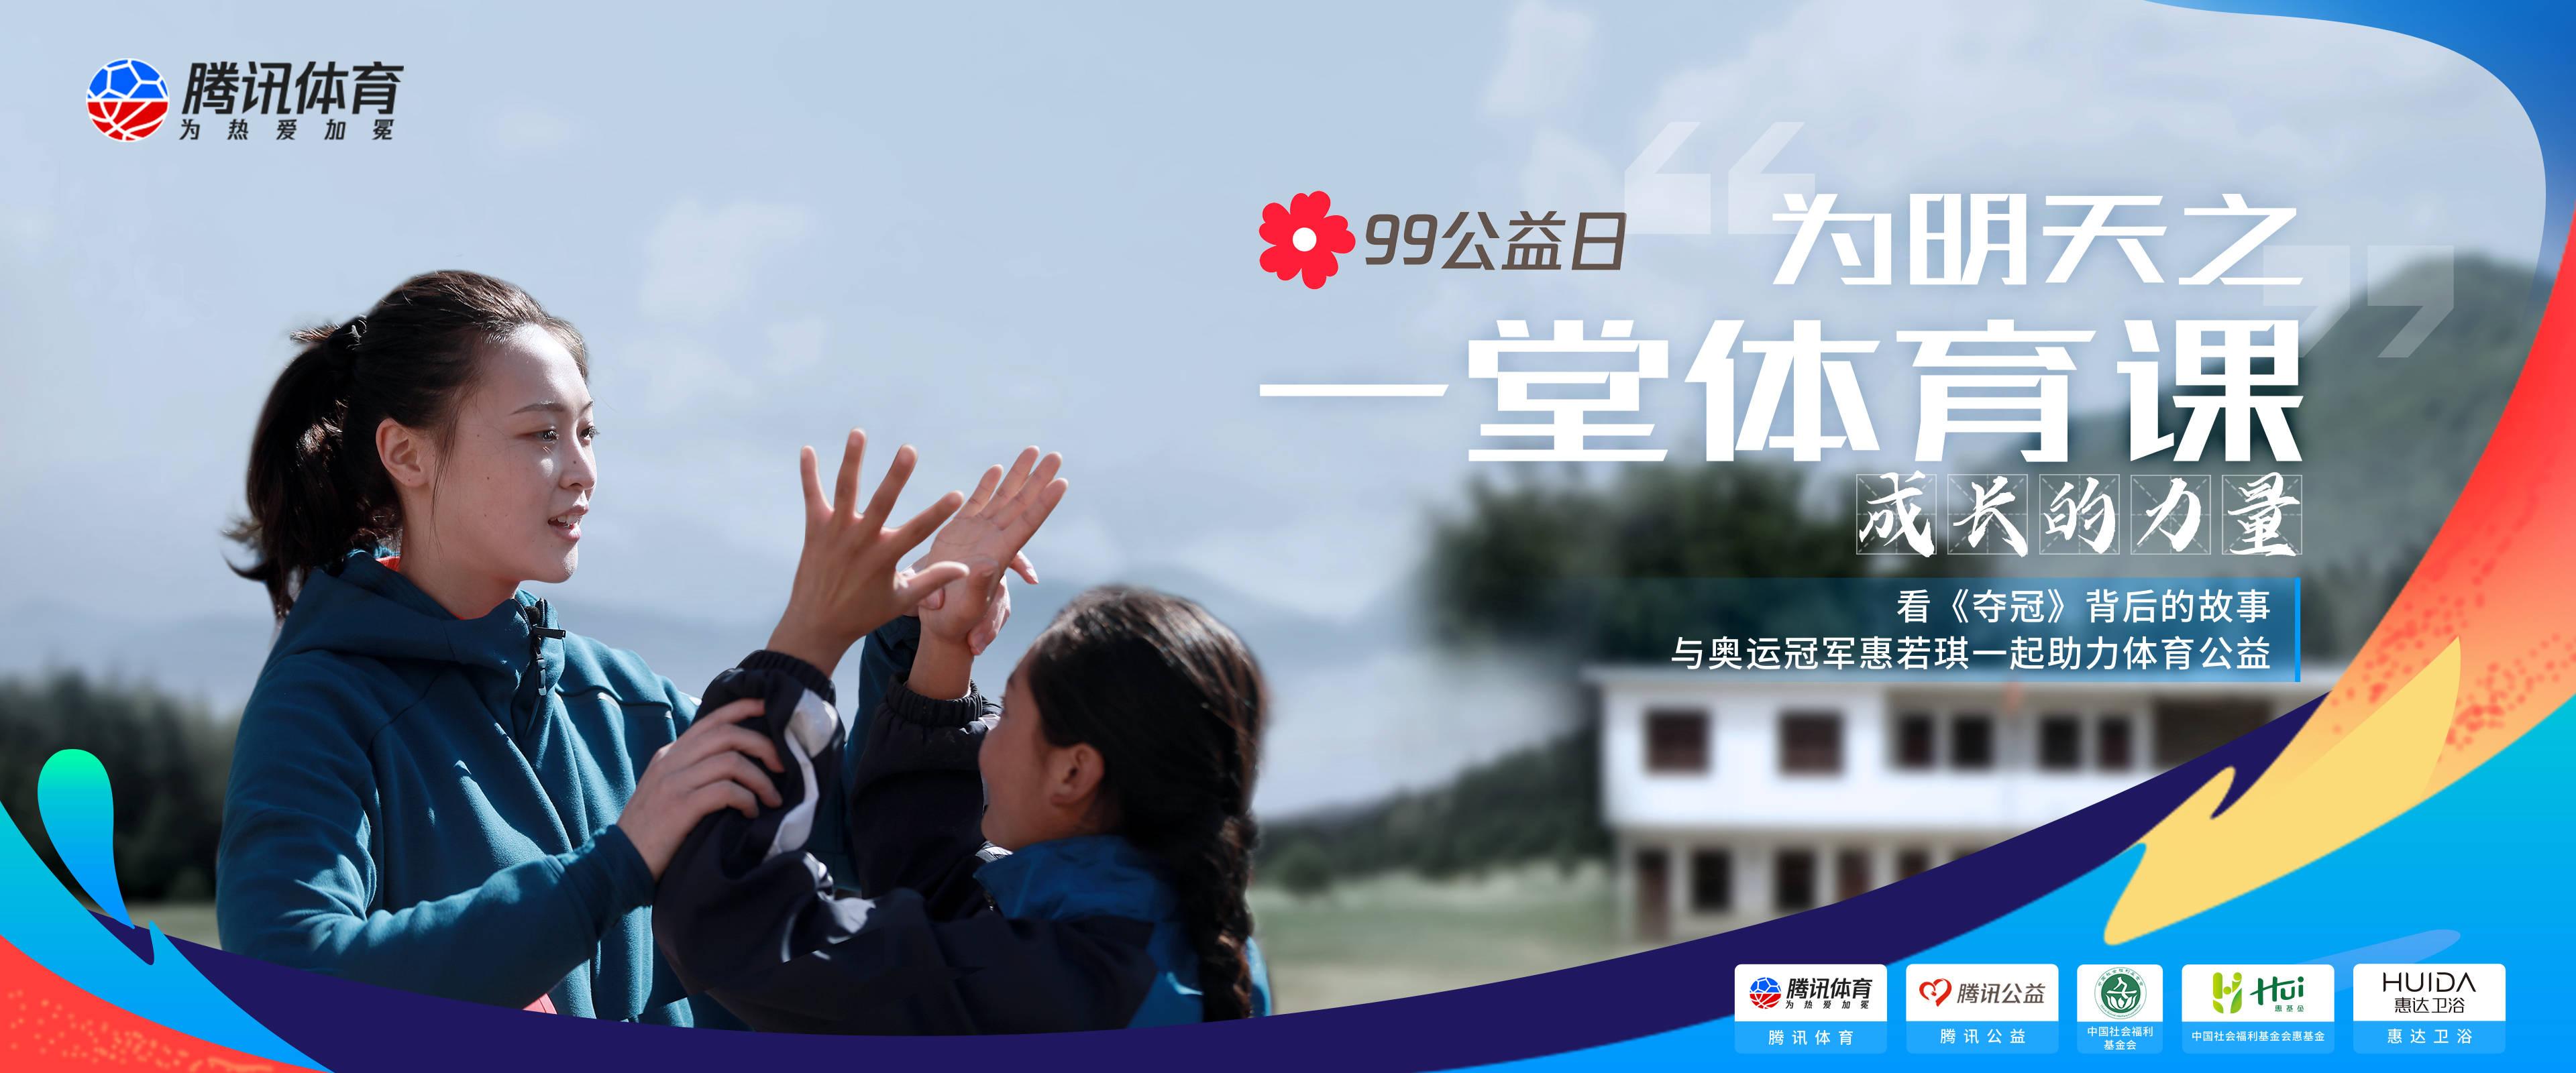 惠达关注乡村体育教育,助力惠若琪携腾讯体育